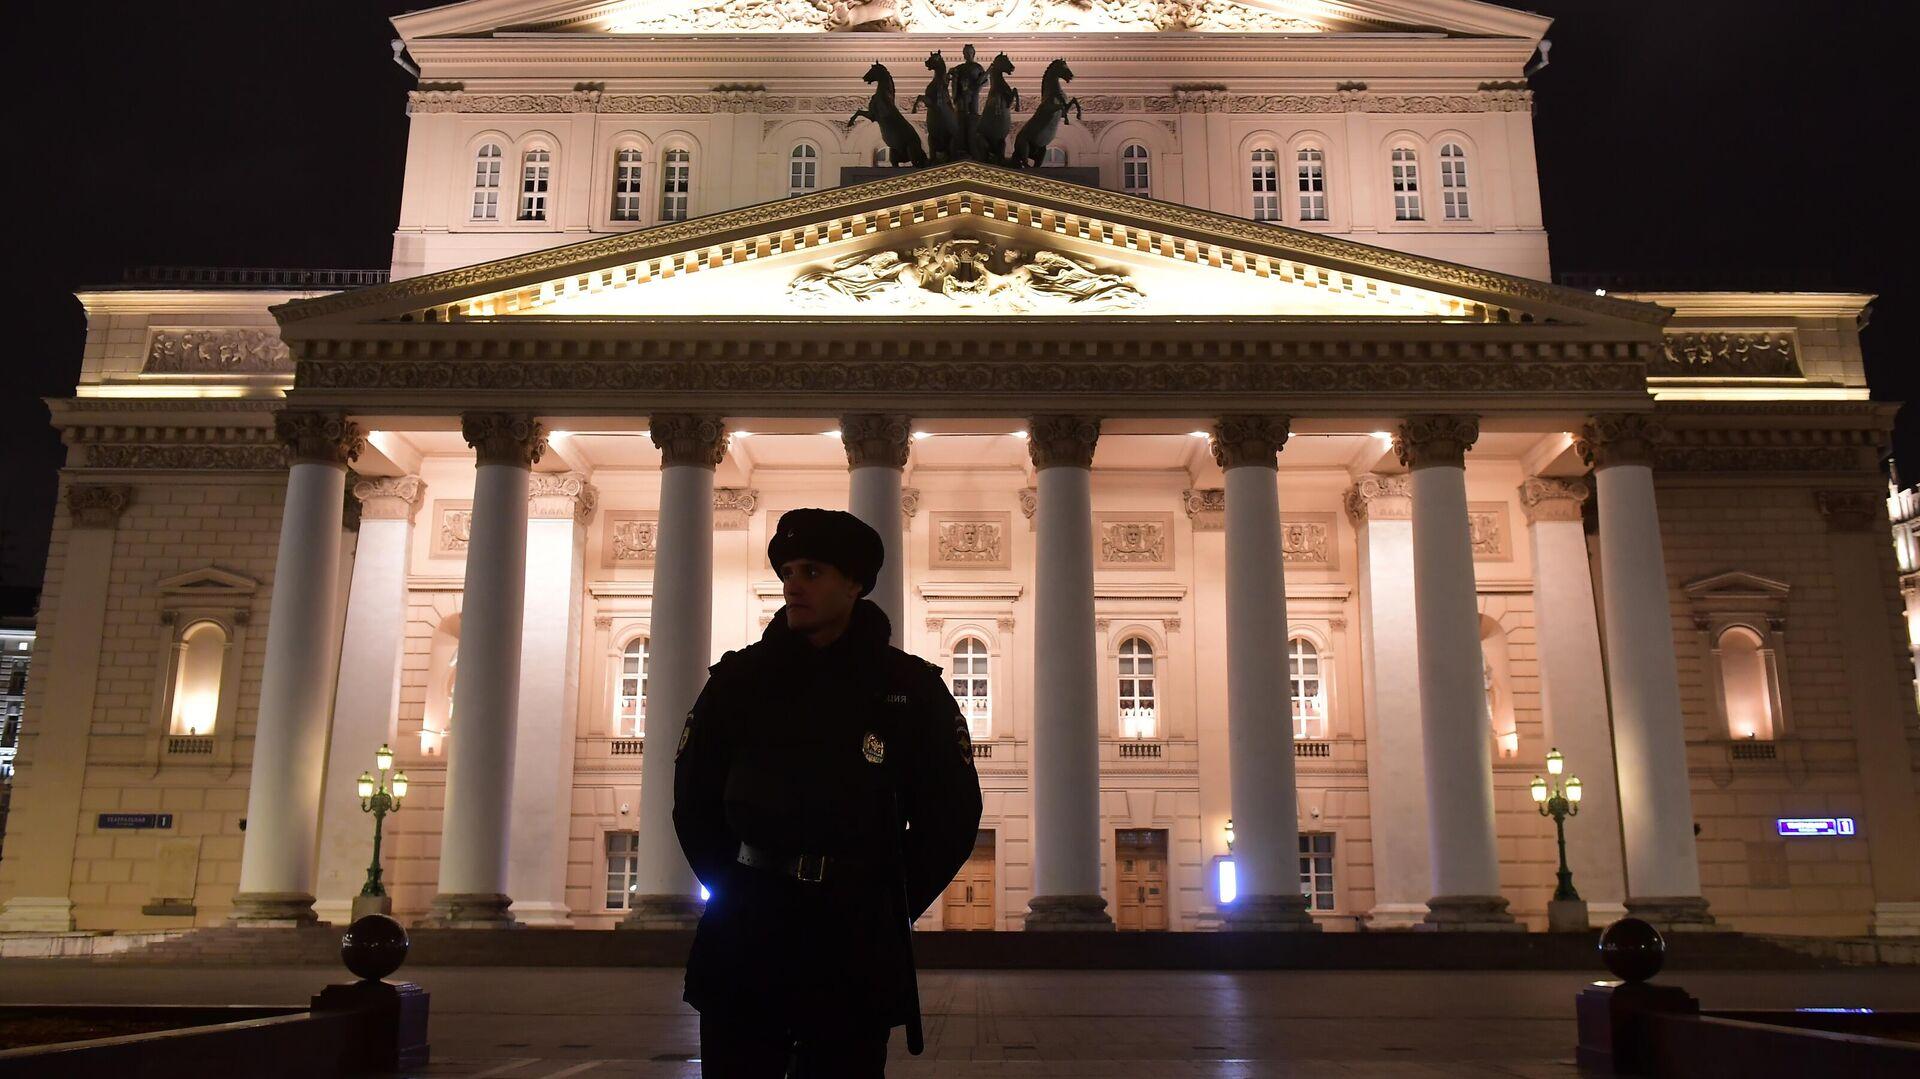 Сотрудник полиции у здания Большого театра в Москве - РИА Новости, 1920, 09.10.2021